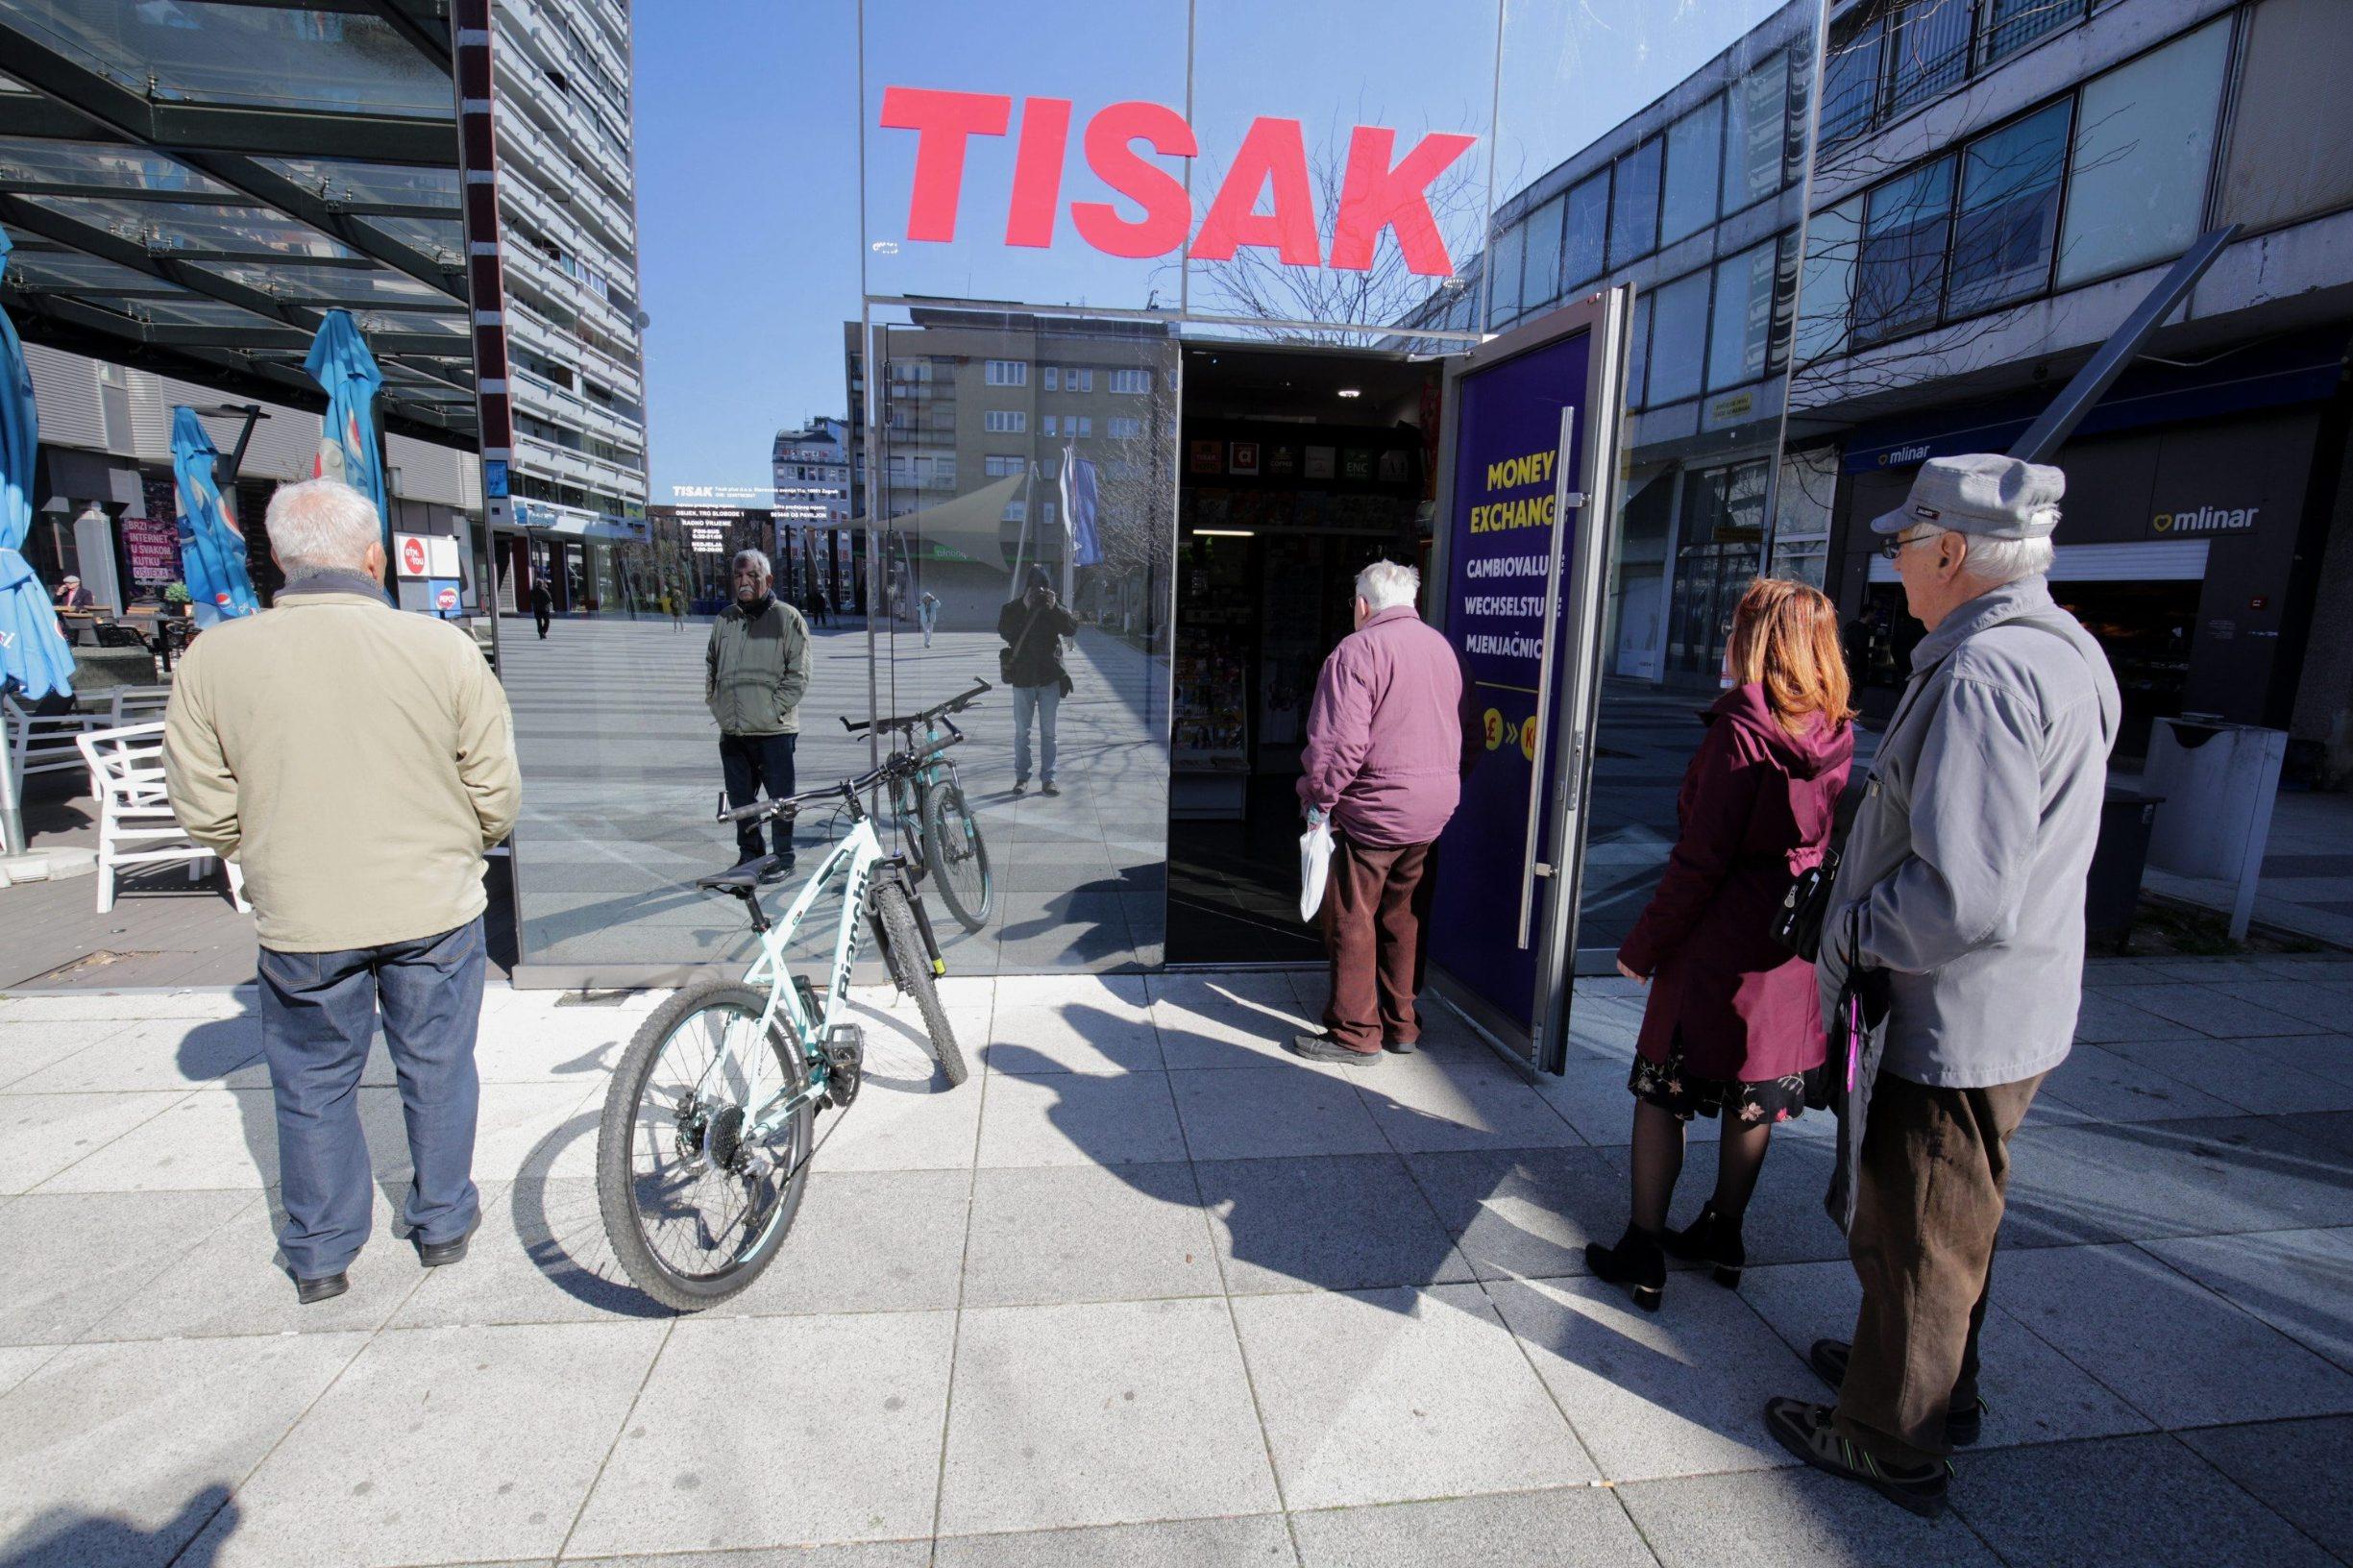 Osijek, 160320 Zbog povecane opasnosti od zaraze korona virusom neke trgovine kupce pustaju pojedninacno u svoje objekte.  Na fotografiji: kupci ispred trgovine Tisak.  Foto: Vlado Kos / CROPIX